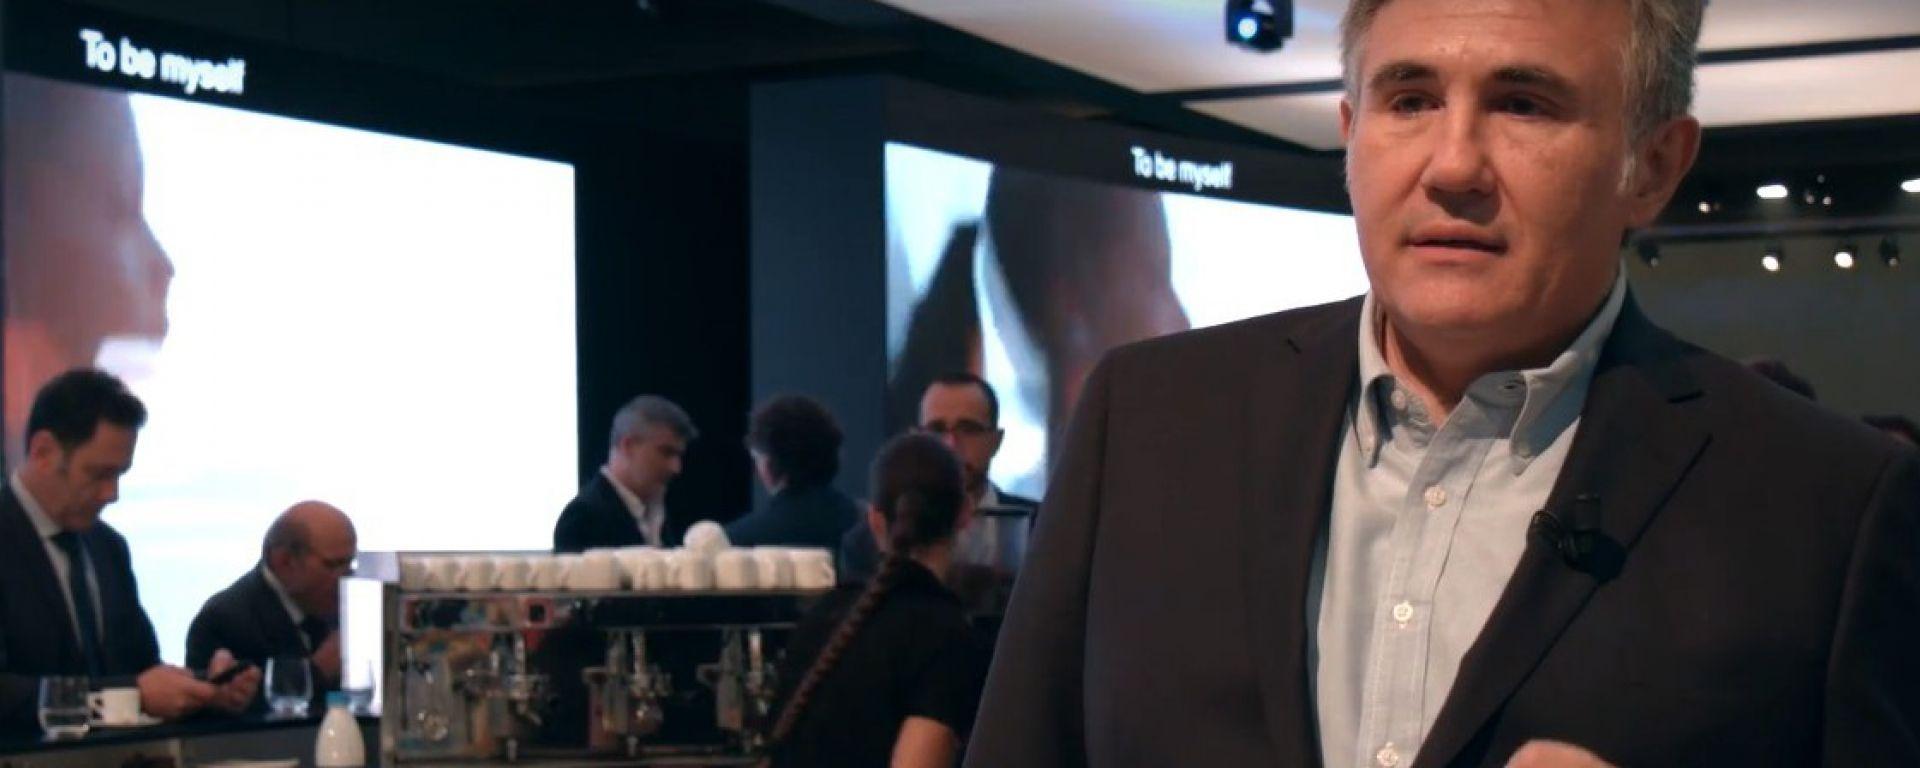 Miguel Galluzzi, Direttore Designer Gruppo Piaggio